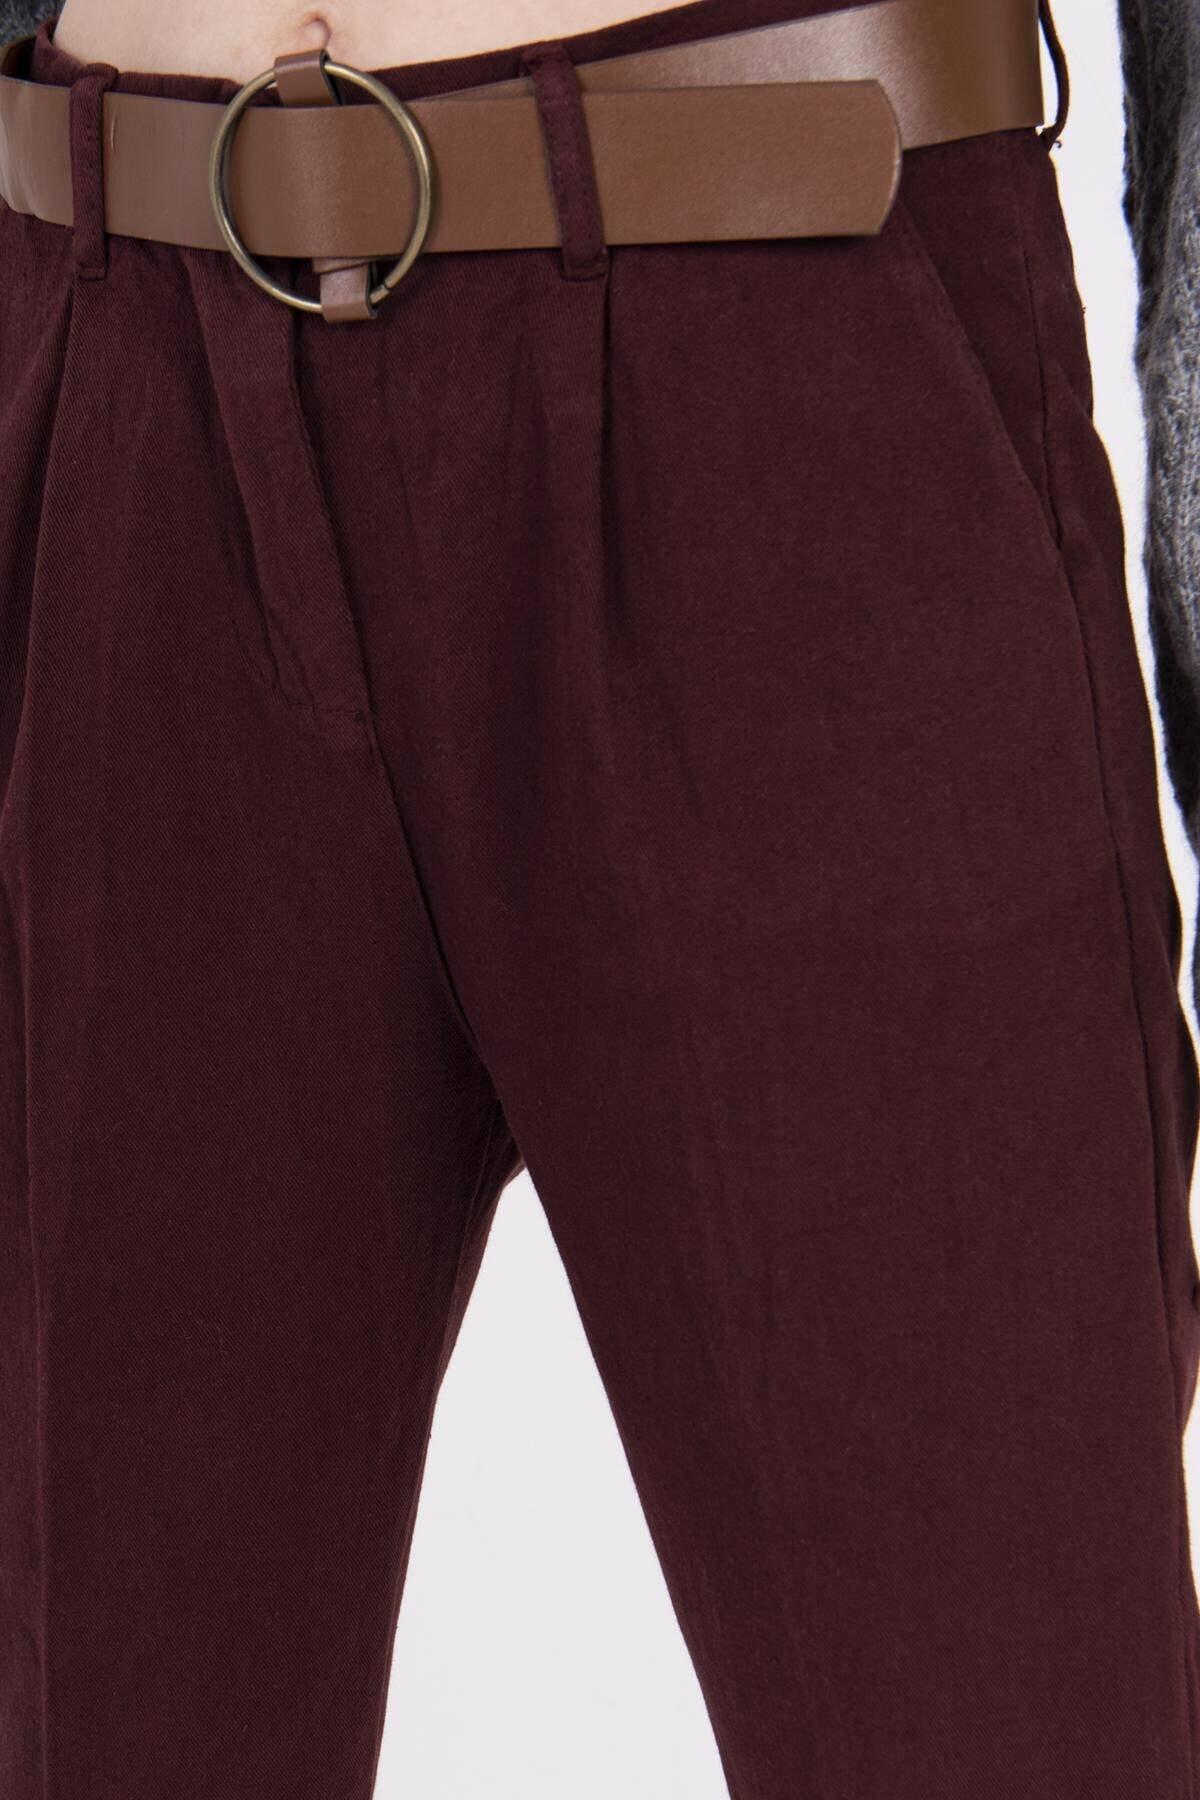 Addax Kadın Bordo Kemerli Pantolon PN4204 - B6 - A6 ADX-0000020952 2